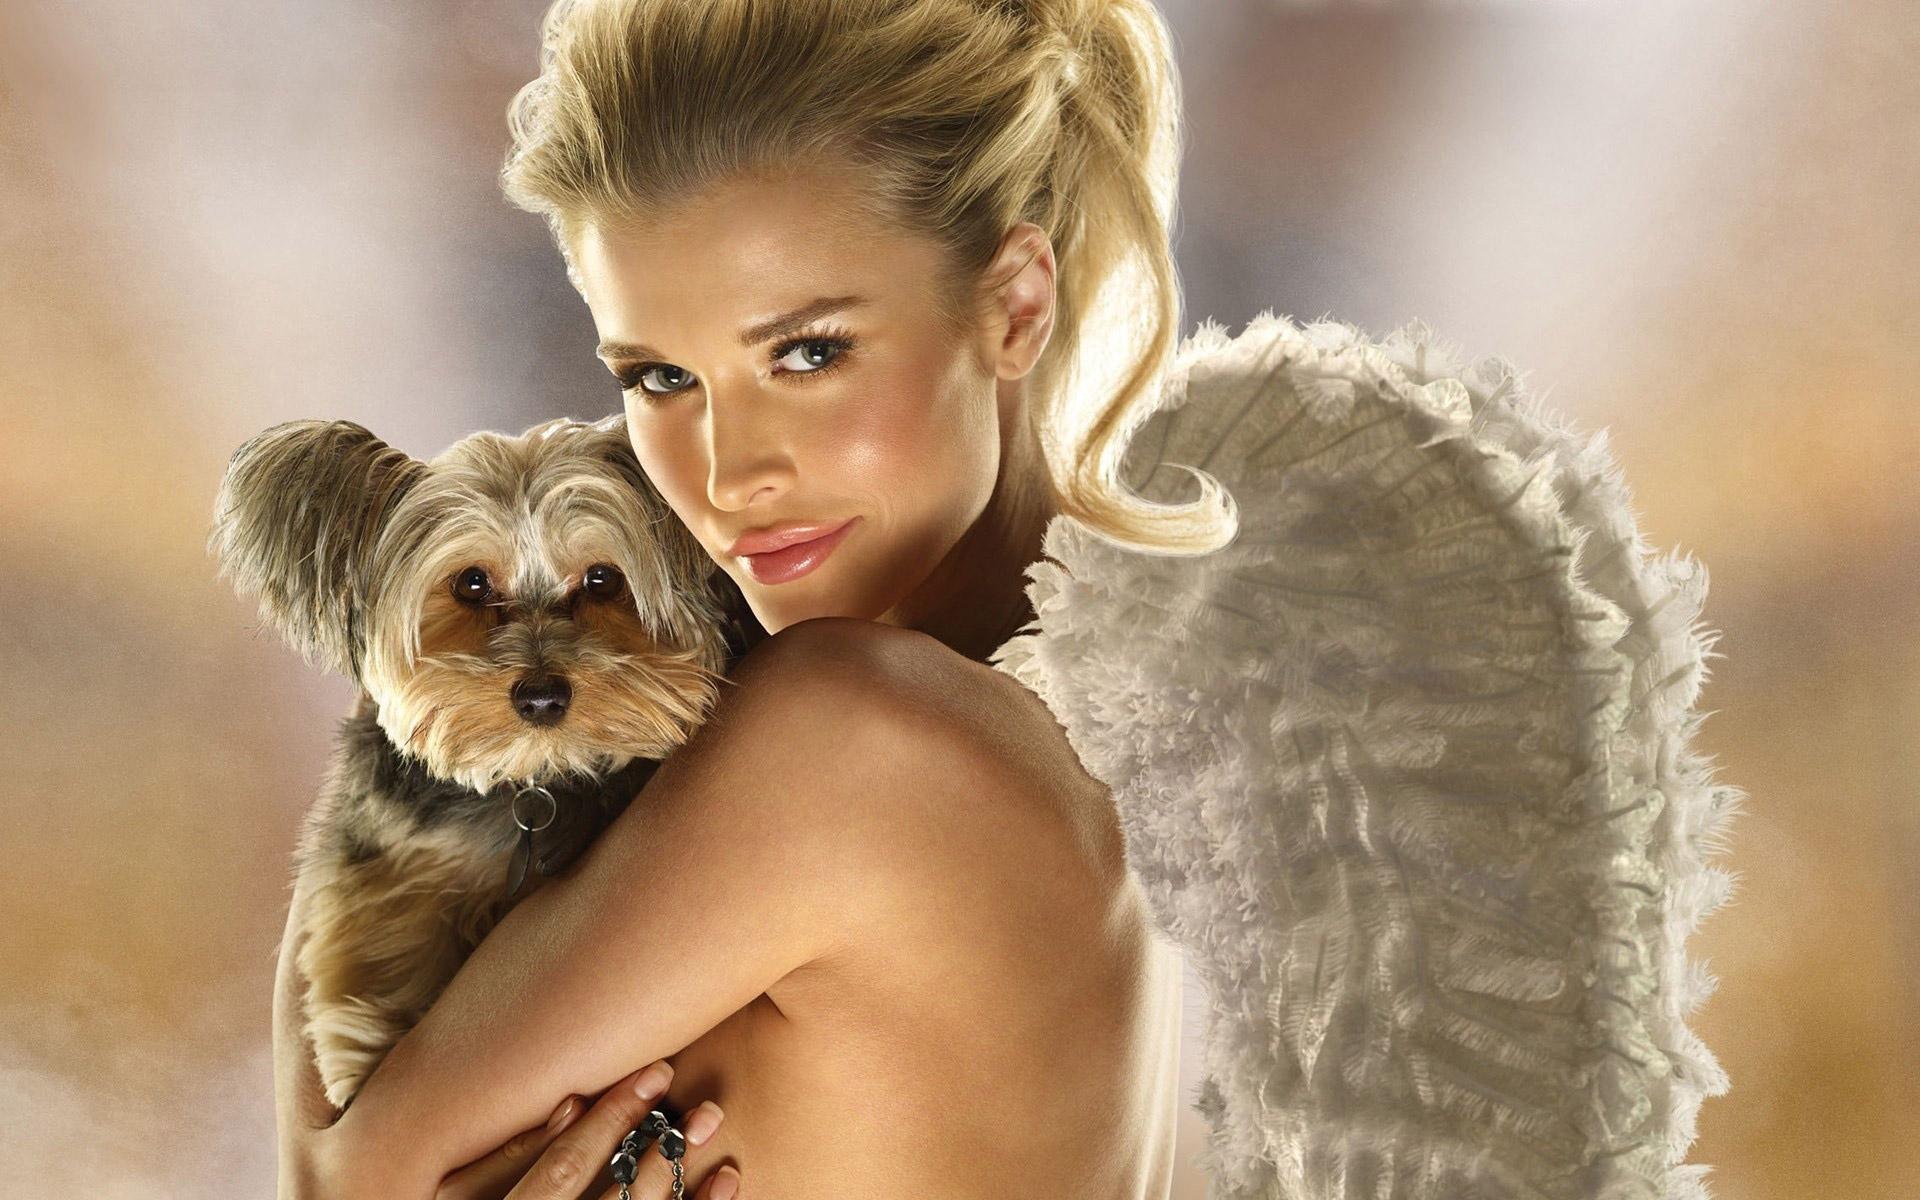 Engel Mit Welpen Handy Logo Kostenlos Hintergrundbild Auf Dein Handy